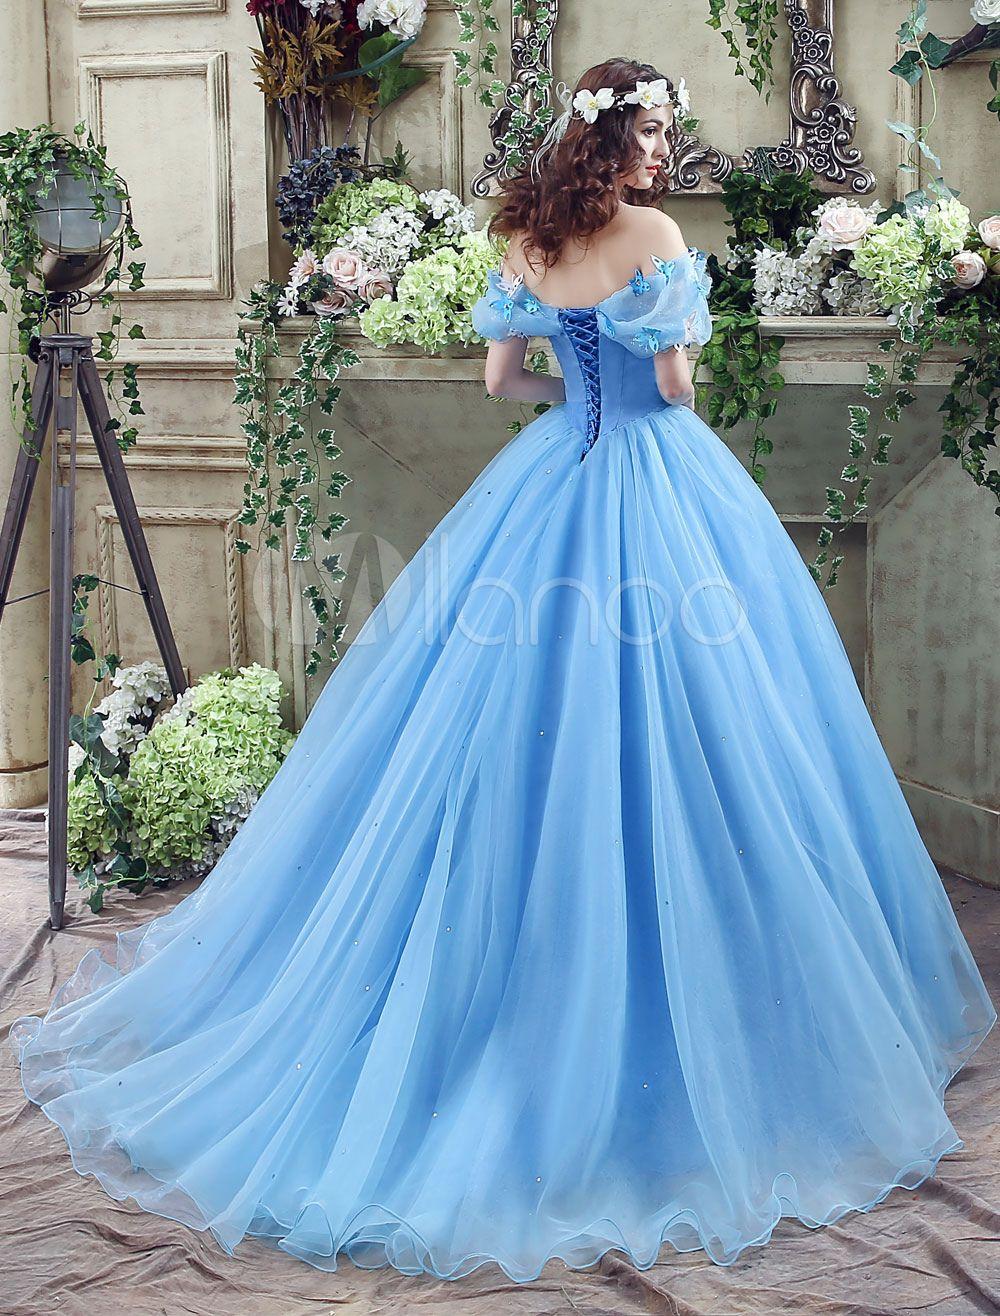 Ballkleider A-Linie- Ball kleider Hochzeit Tüll Prinzessin Kleider